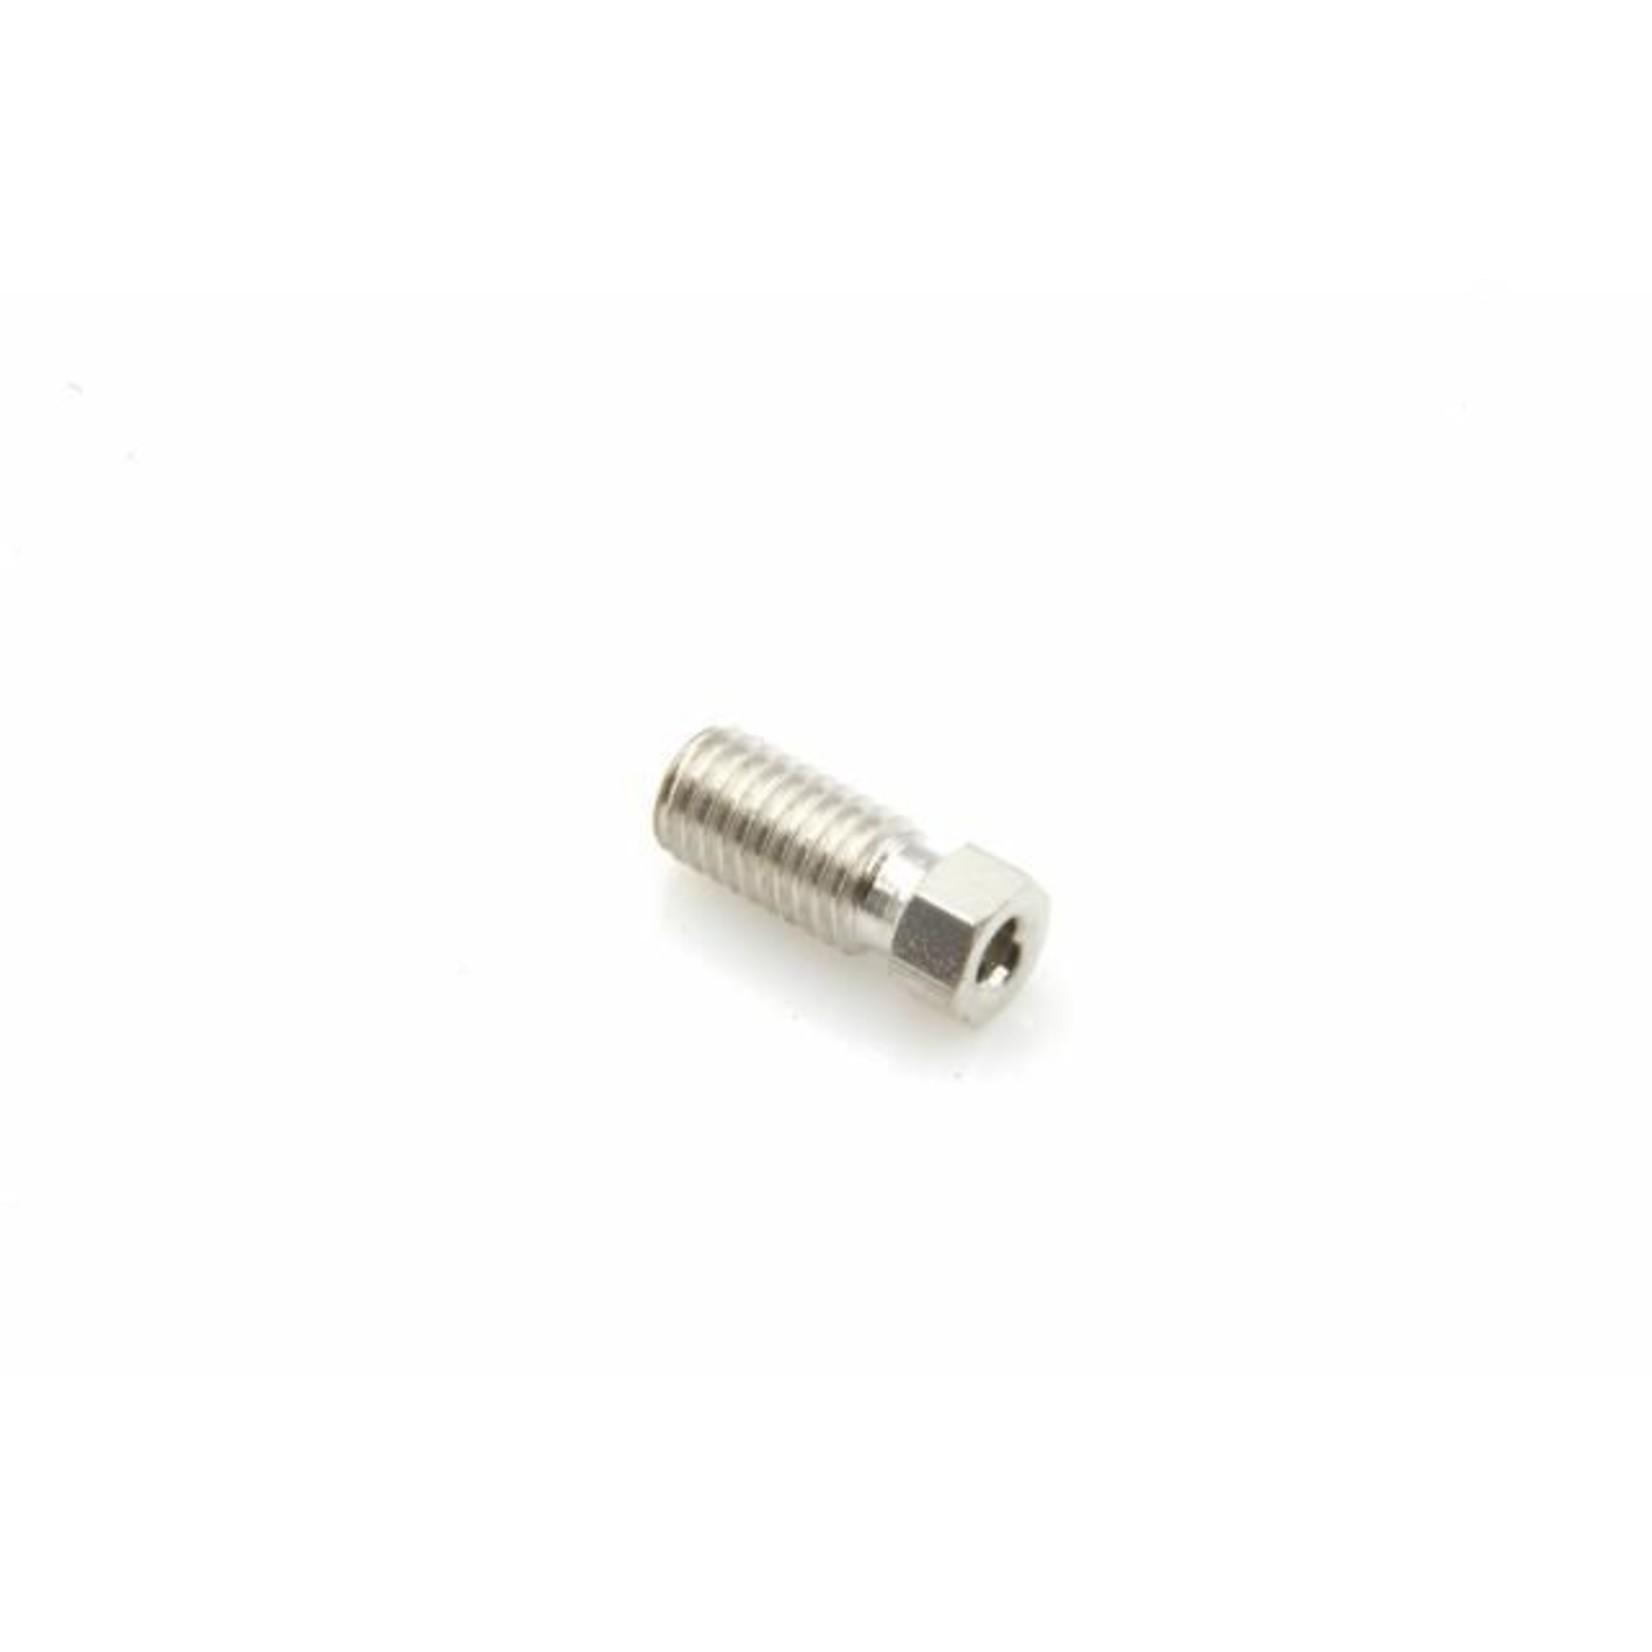 Wartel 3,5mm